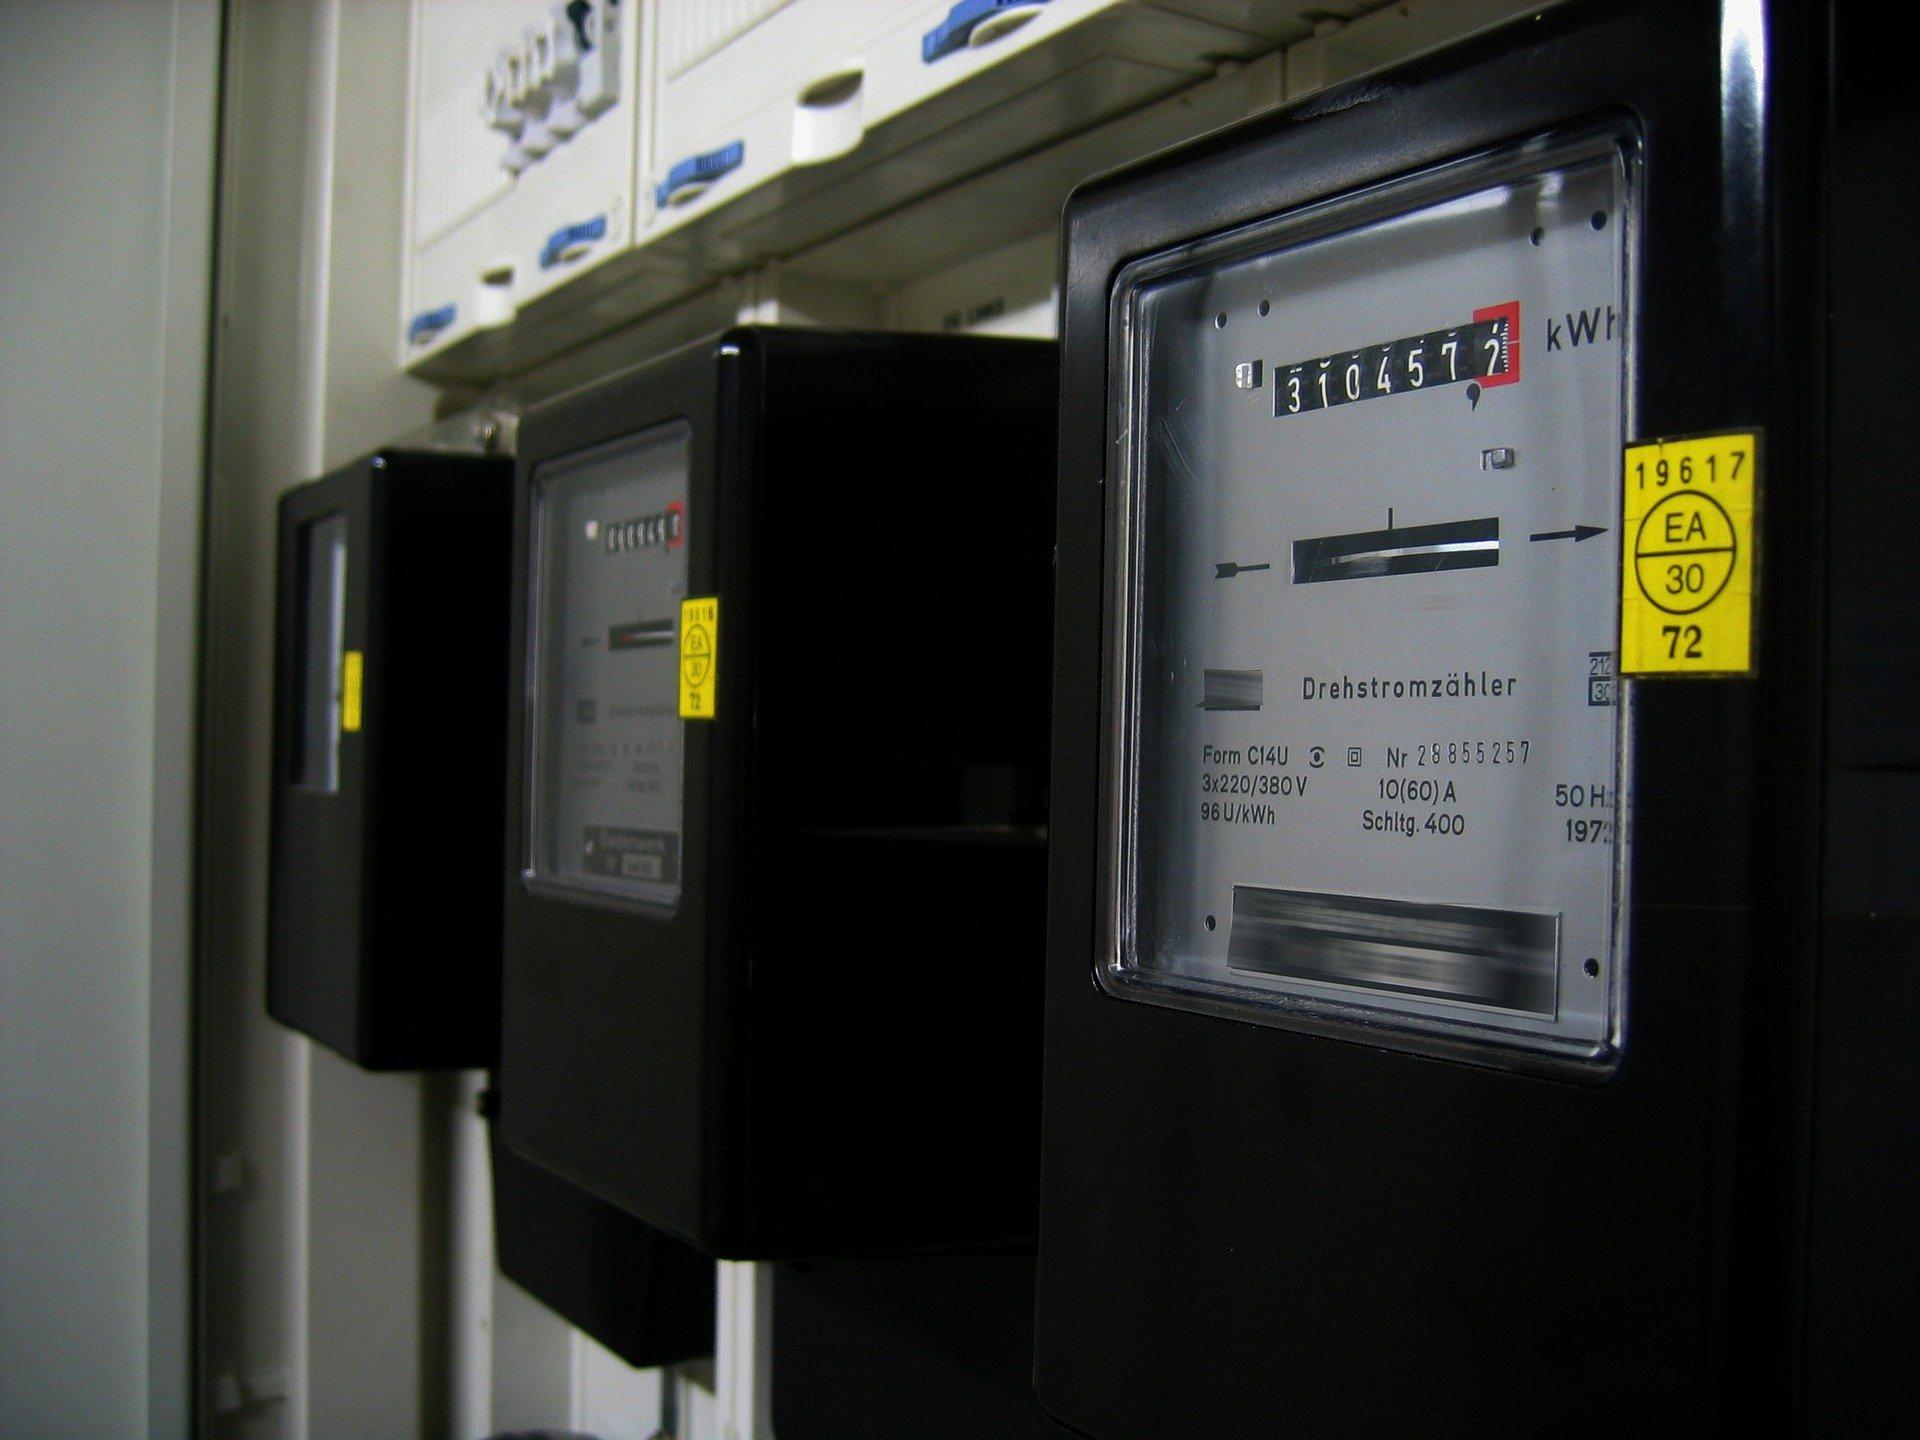 Ablesung der Strom- und Gaszähler der NETZE Bad Langensalza GmbH